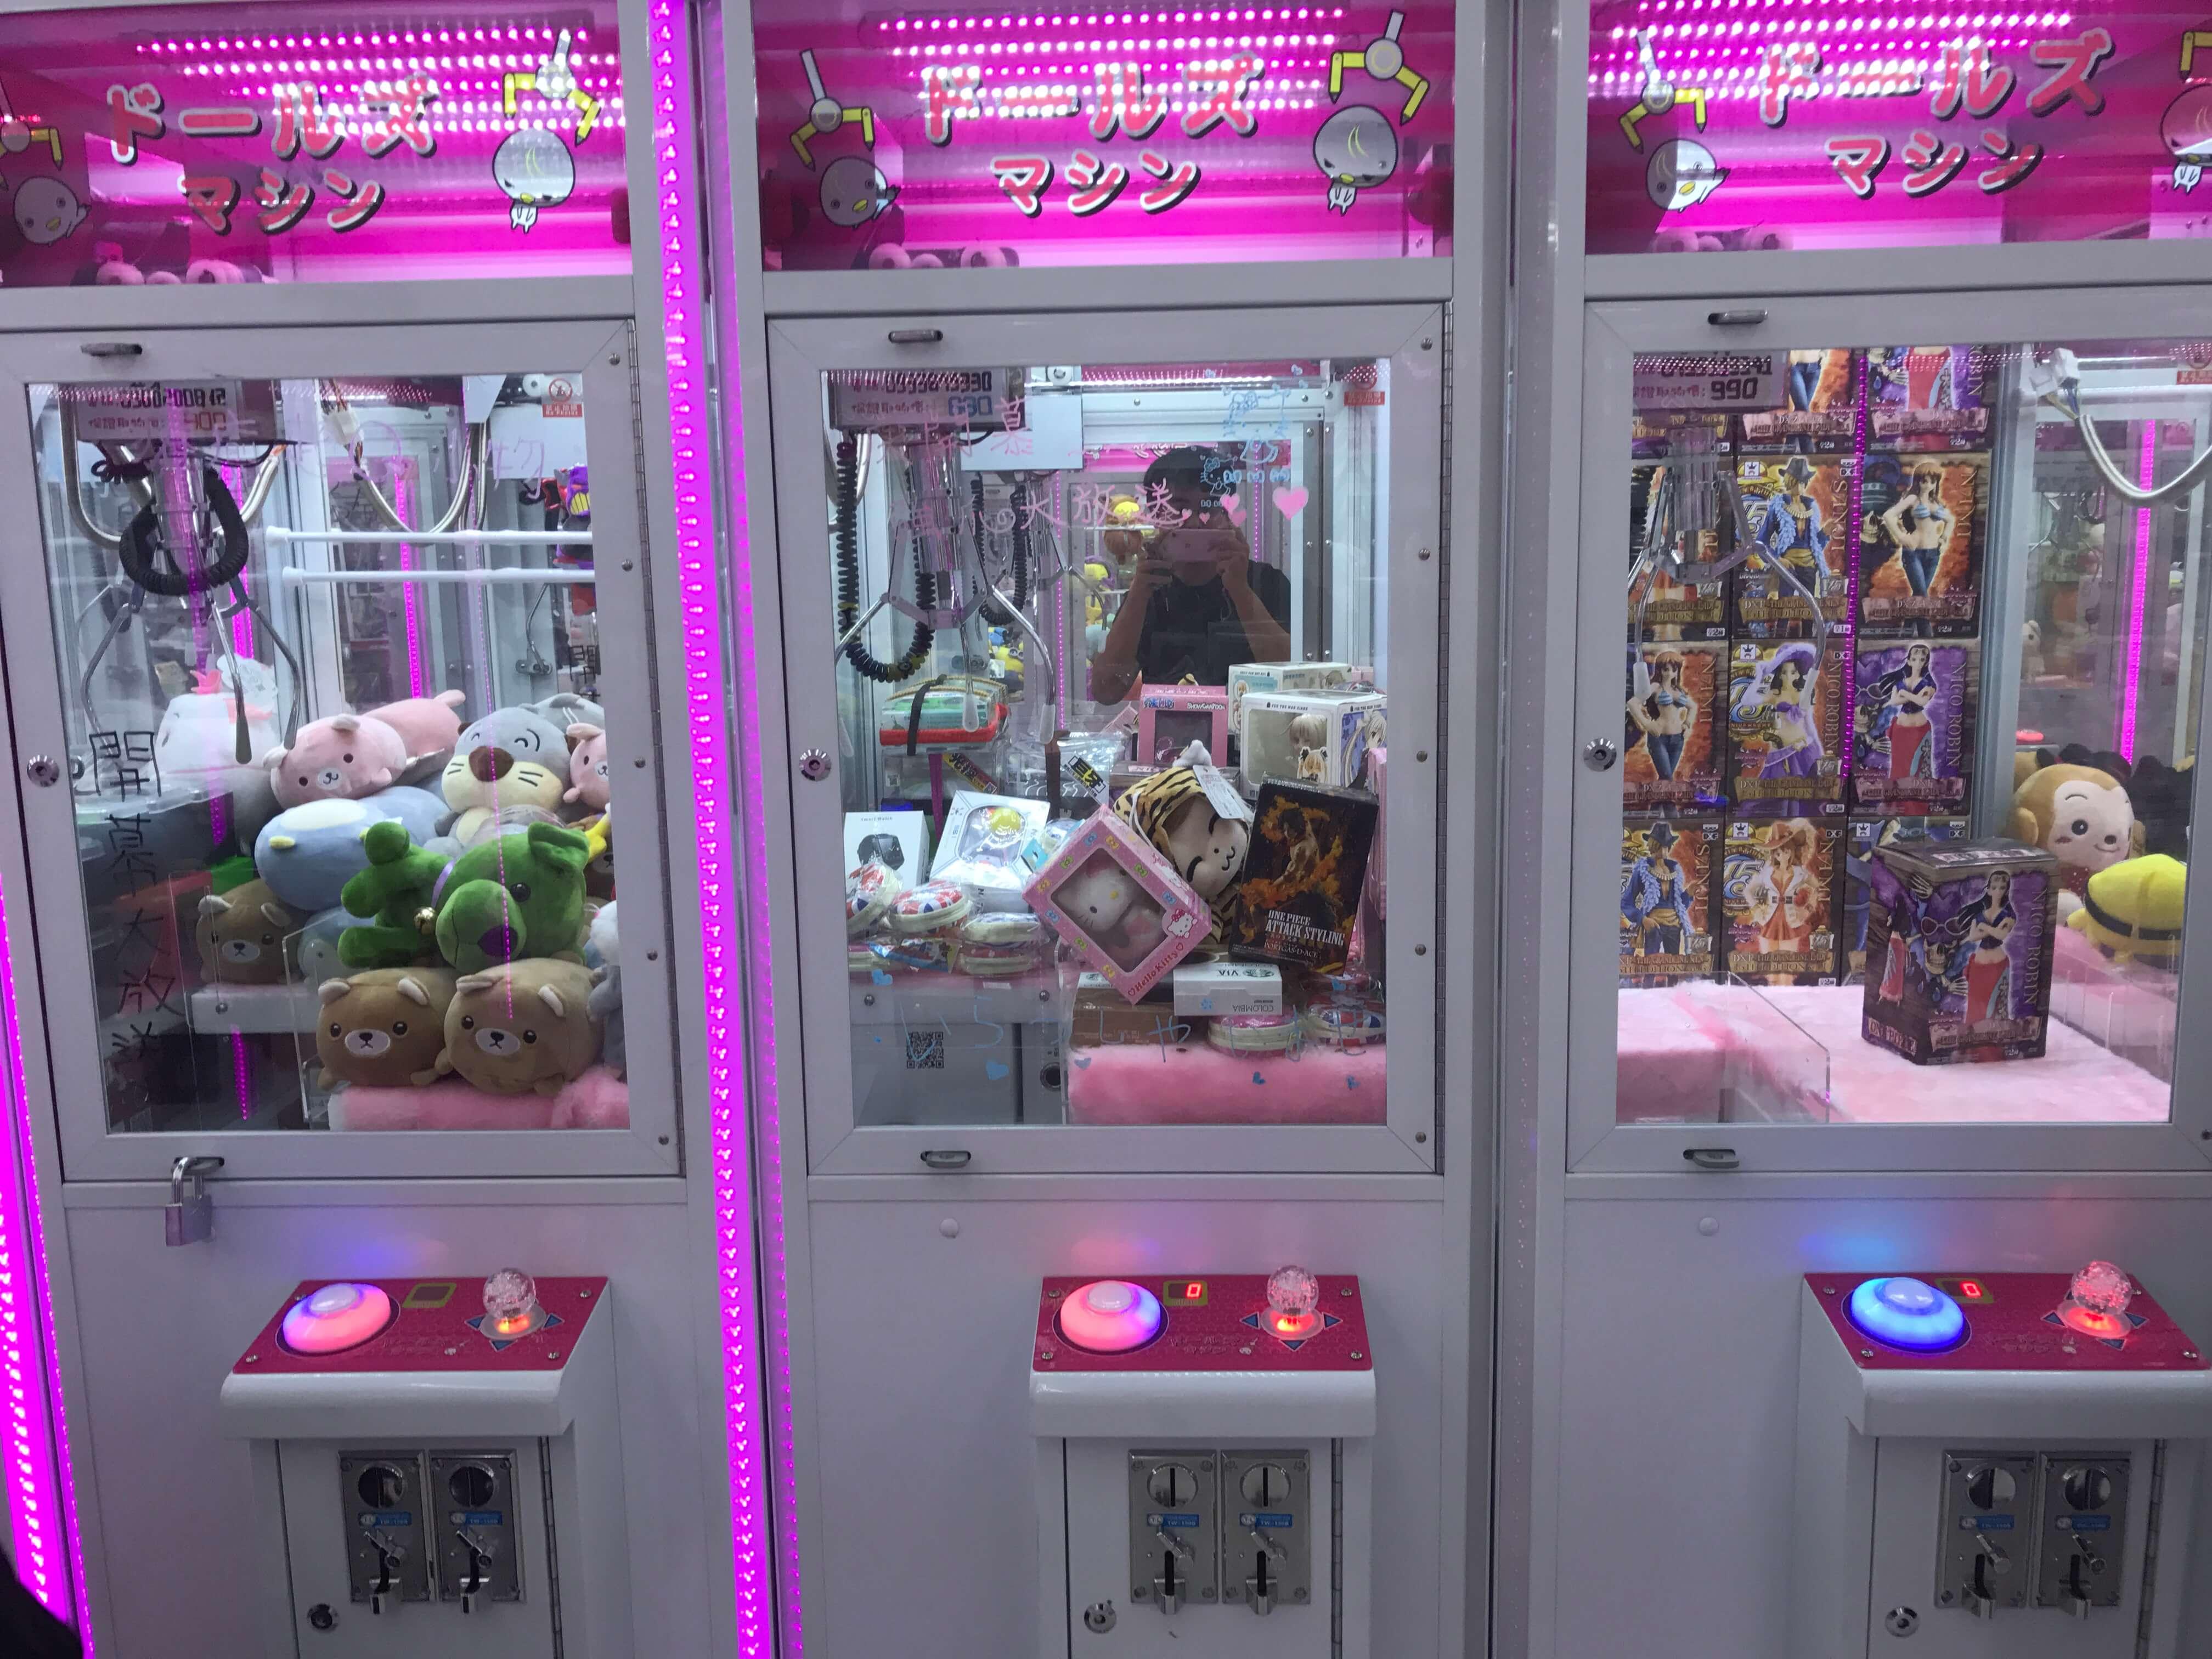 夾娃娃機開店,夾娃娃機利潤,夾娃娃機分租,夾娃娃投資 @Nash,神之領域